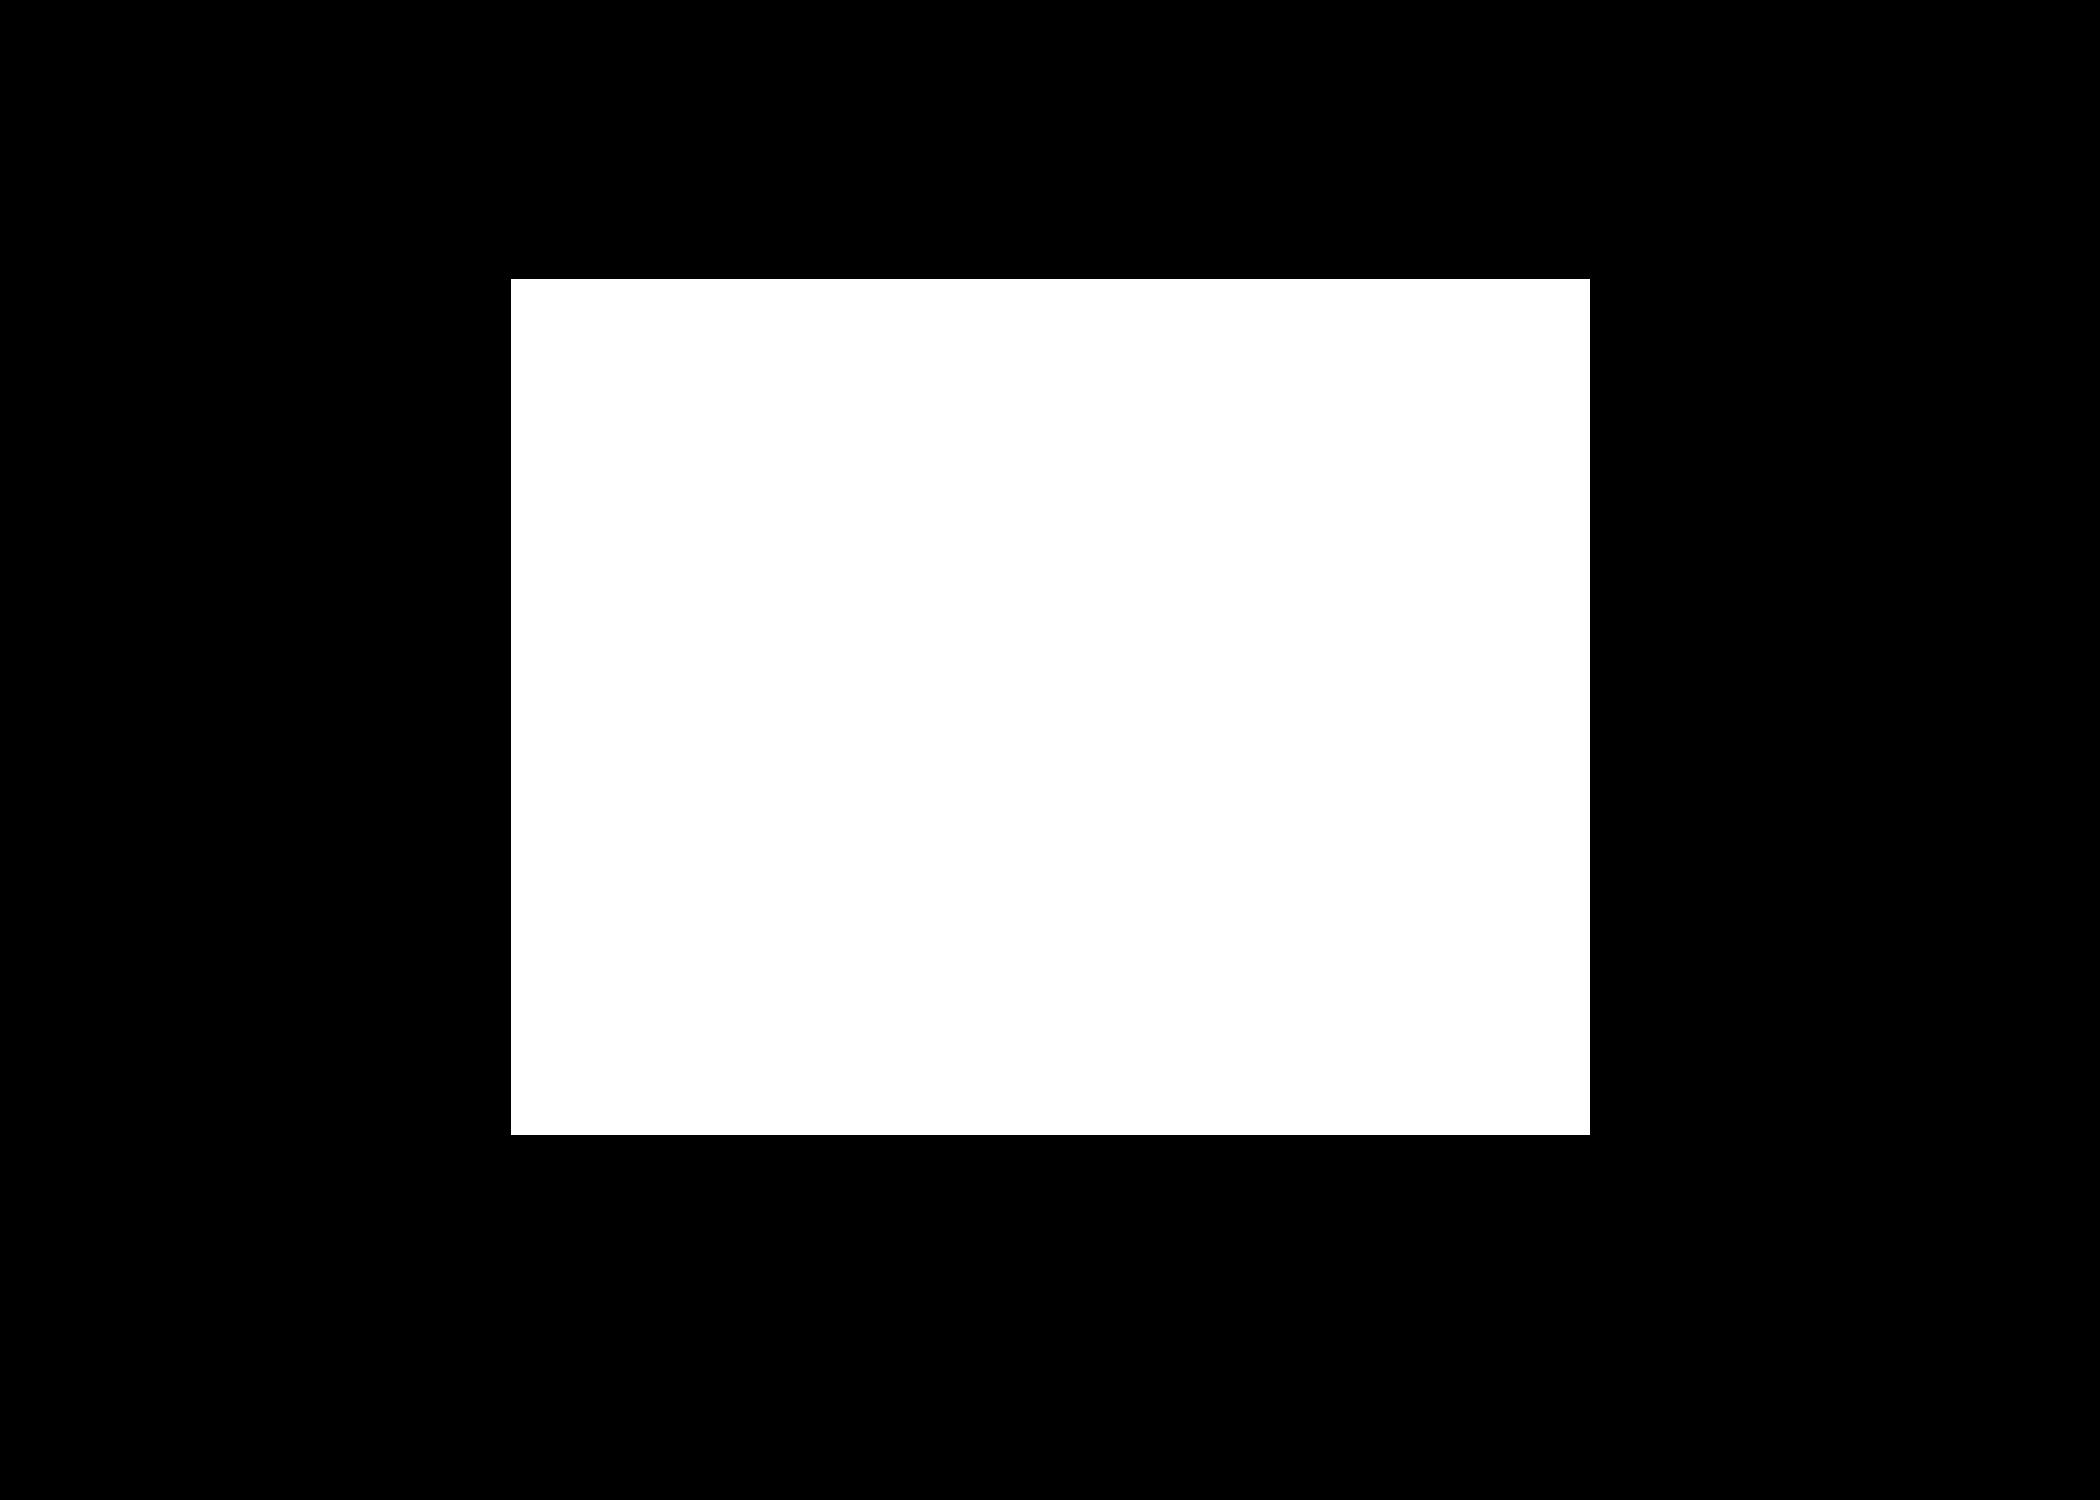 White austex logo